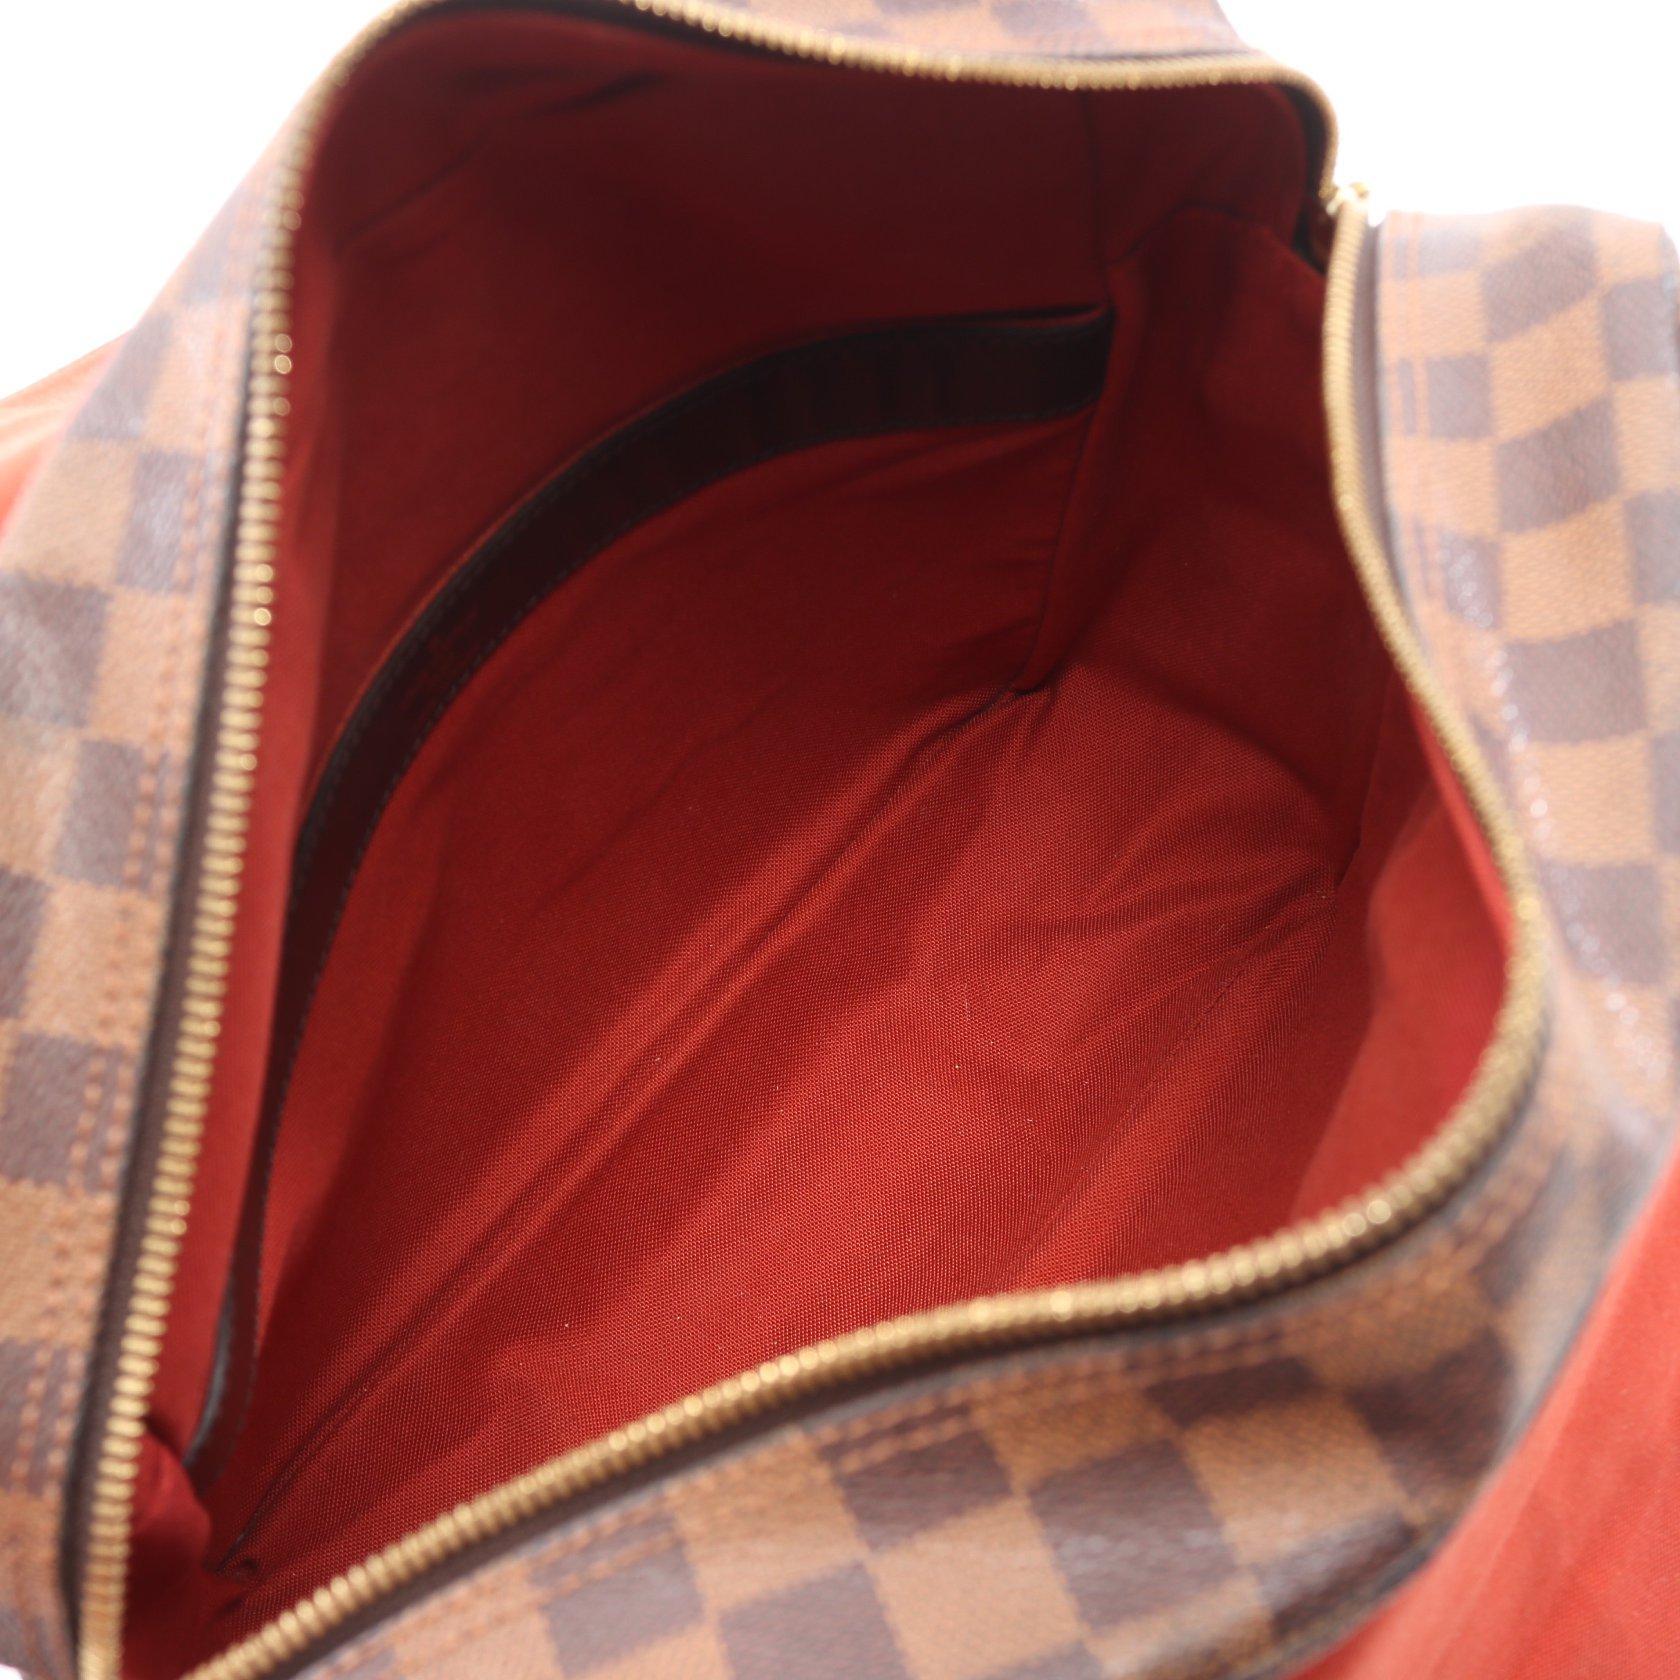 LOUIS VUITTON・バッグ・ナヴィグリオ ダミエエベヌ ショルダーバッグ PVC レザー ブラウン